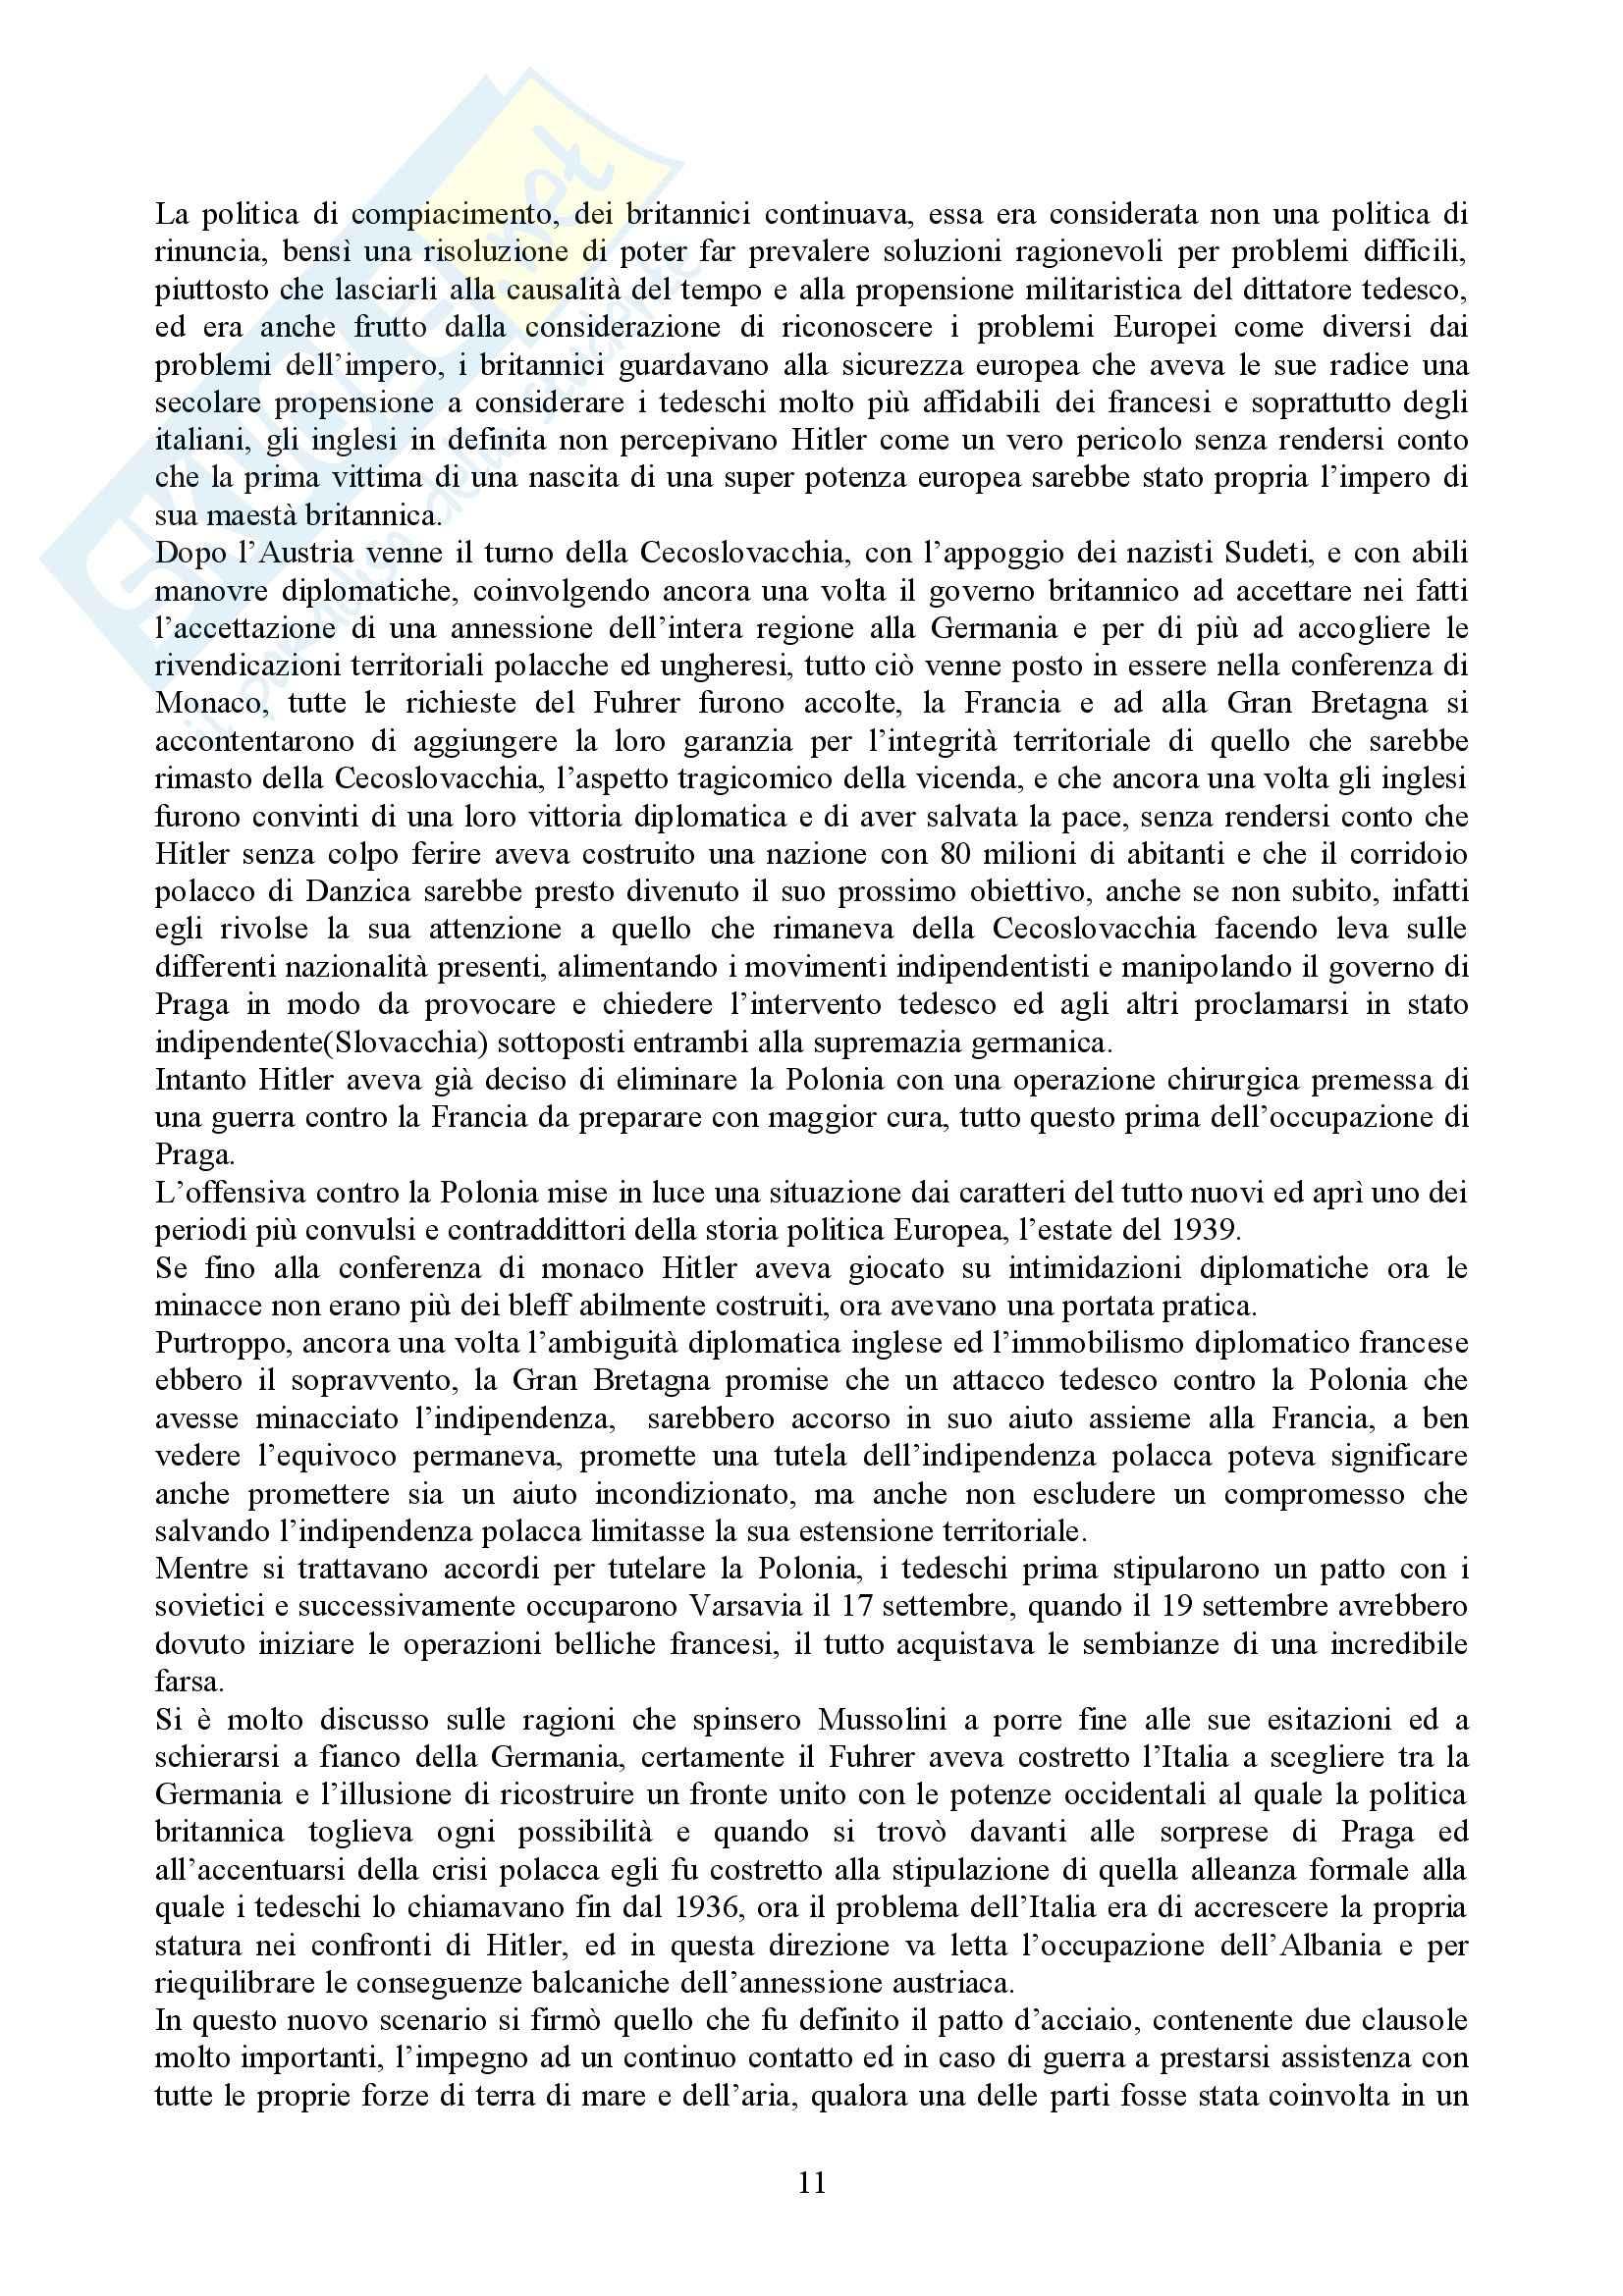 Riassunto esame Storia delle Relazioni Internazionali, prof. indefinito, libro consigliato Storia delle Relazioni Internazionali, Di Nolfo Pag. 11